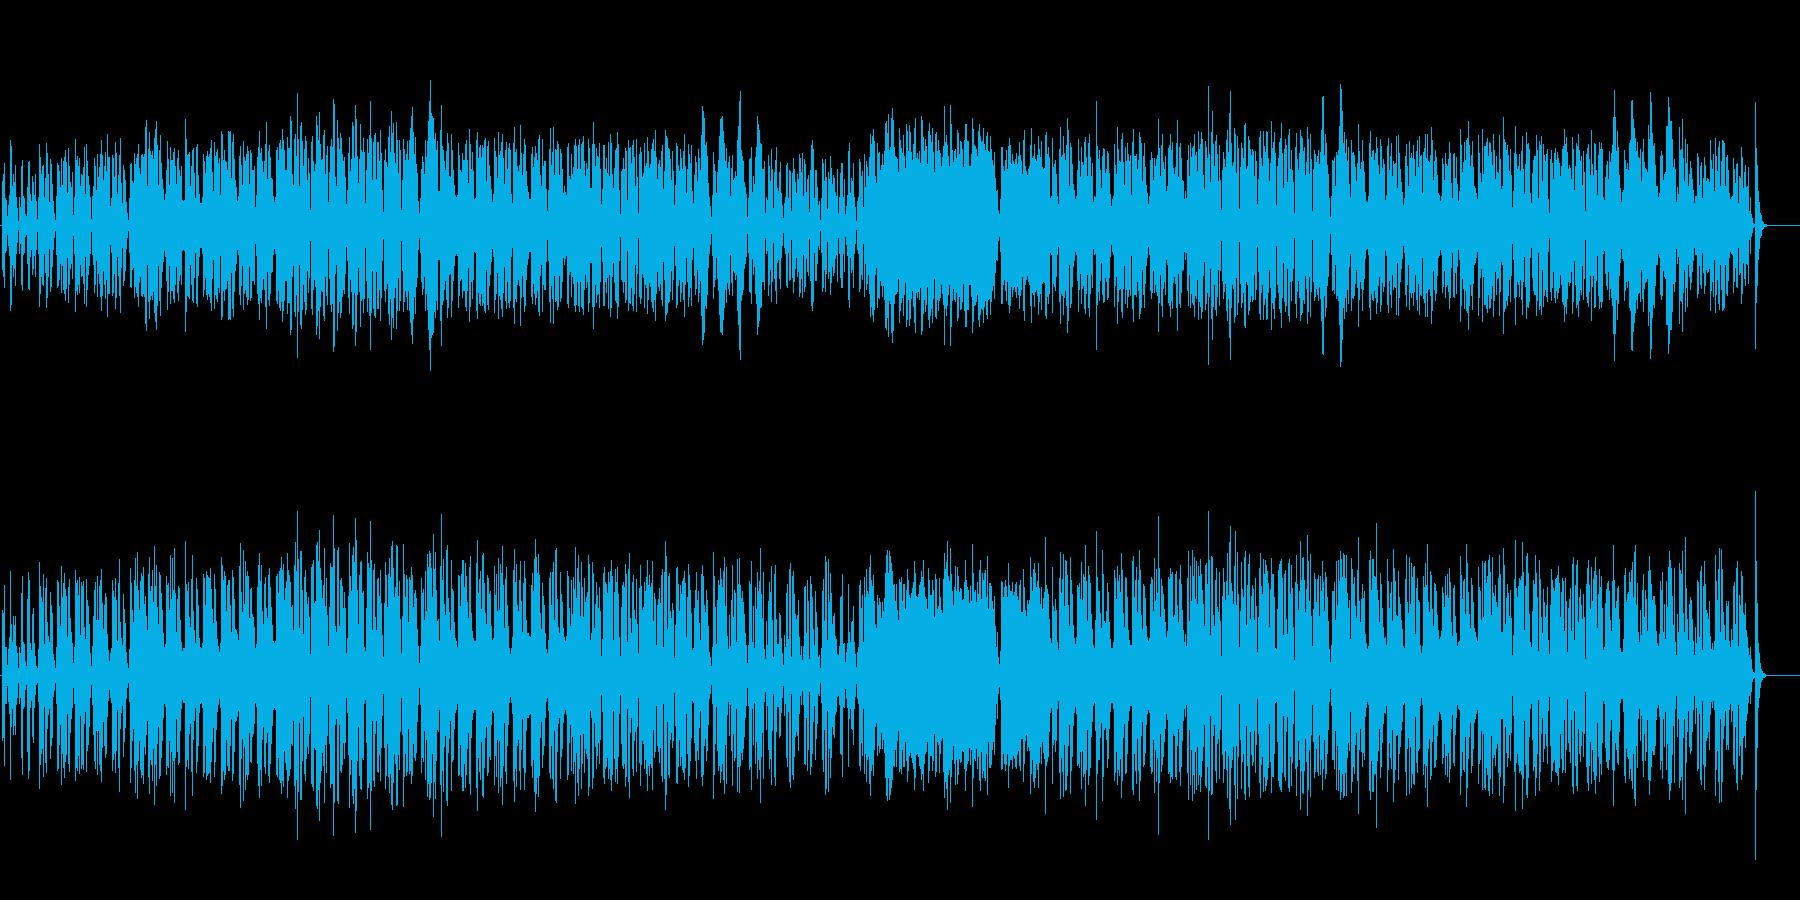 のどかでパーカッシヴなアフリカンBGMの再生済みの波形